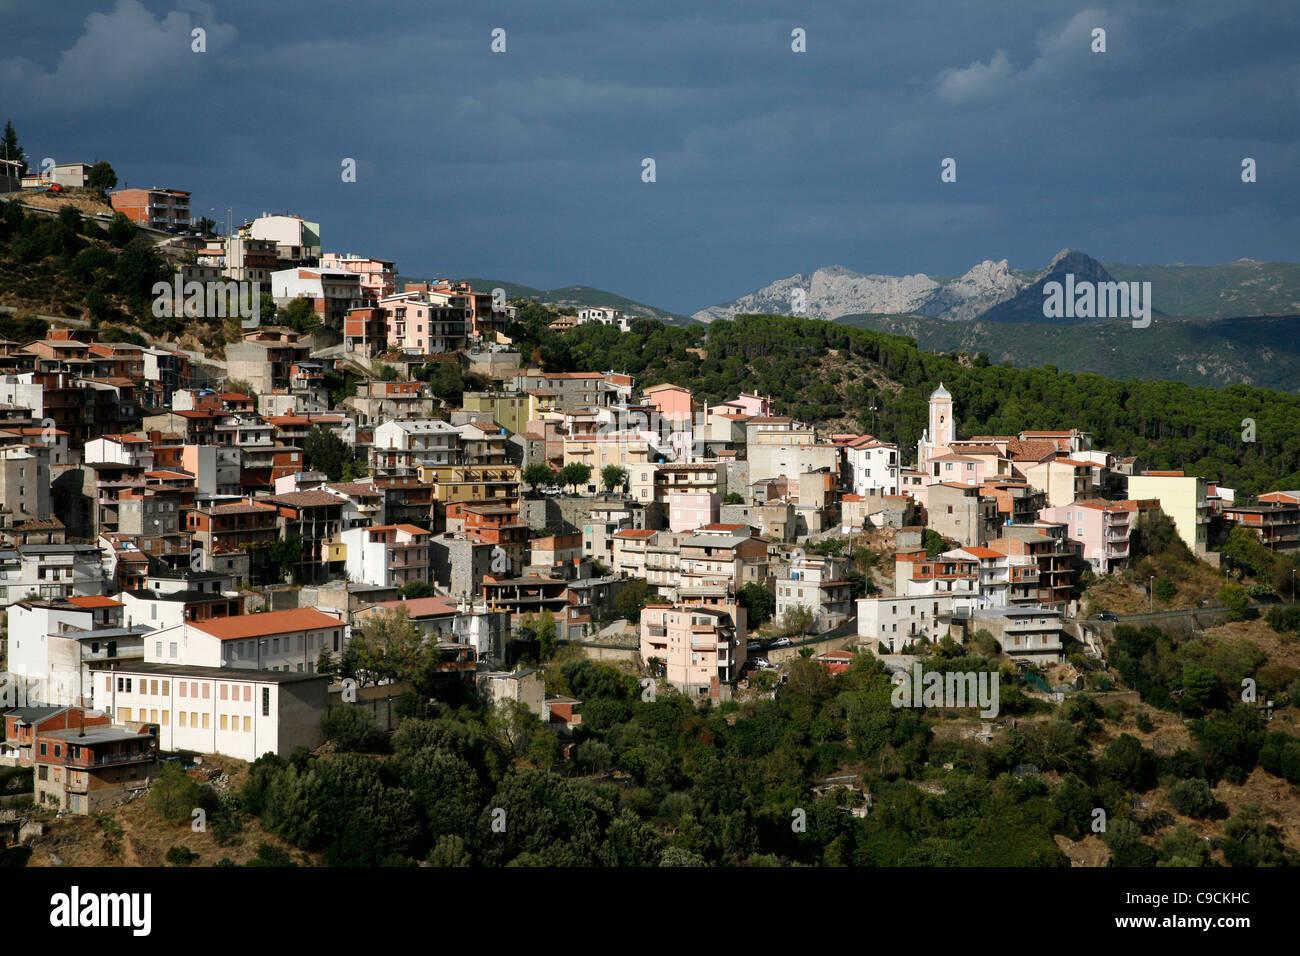 Vistas Talana village y la cordillera de Gennargentu, Cerdeña, Italia. Imagen De Stock